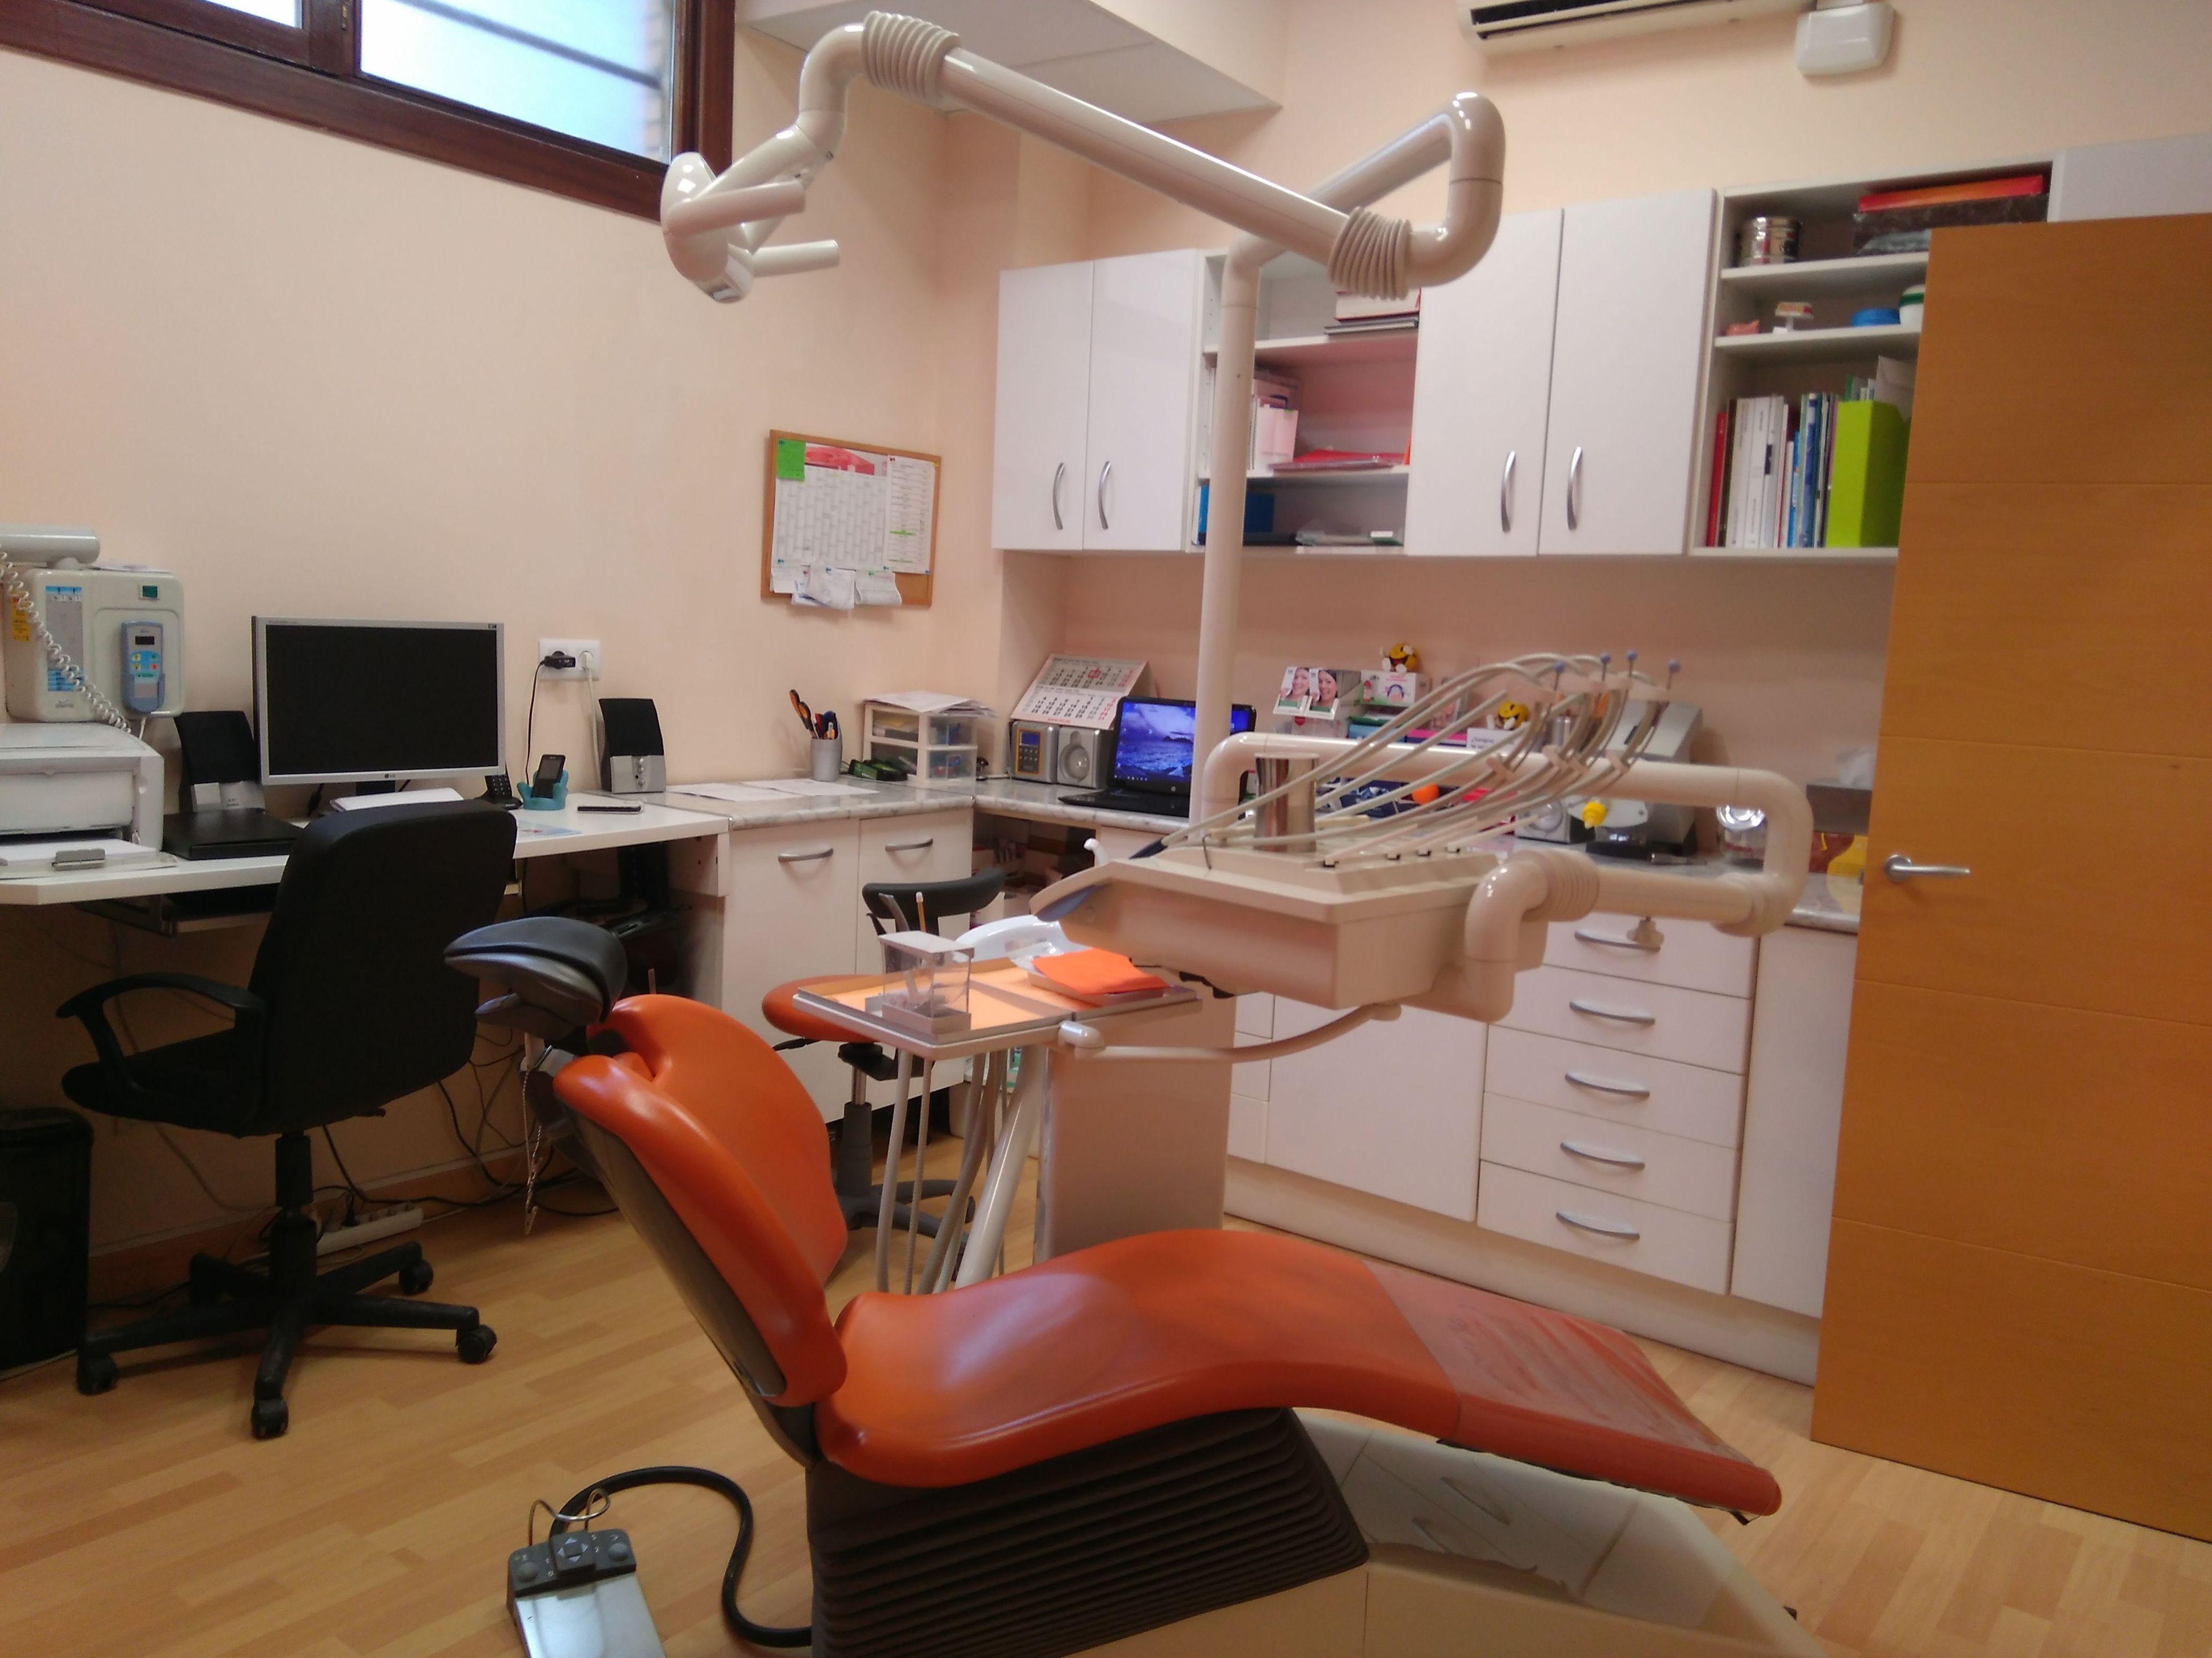 Clínica de implantes dentales en Gijón